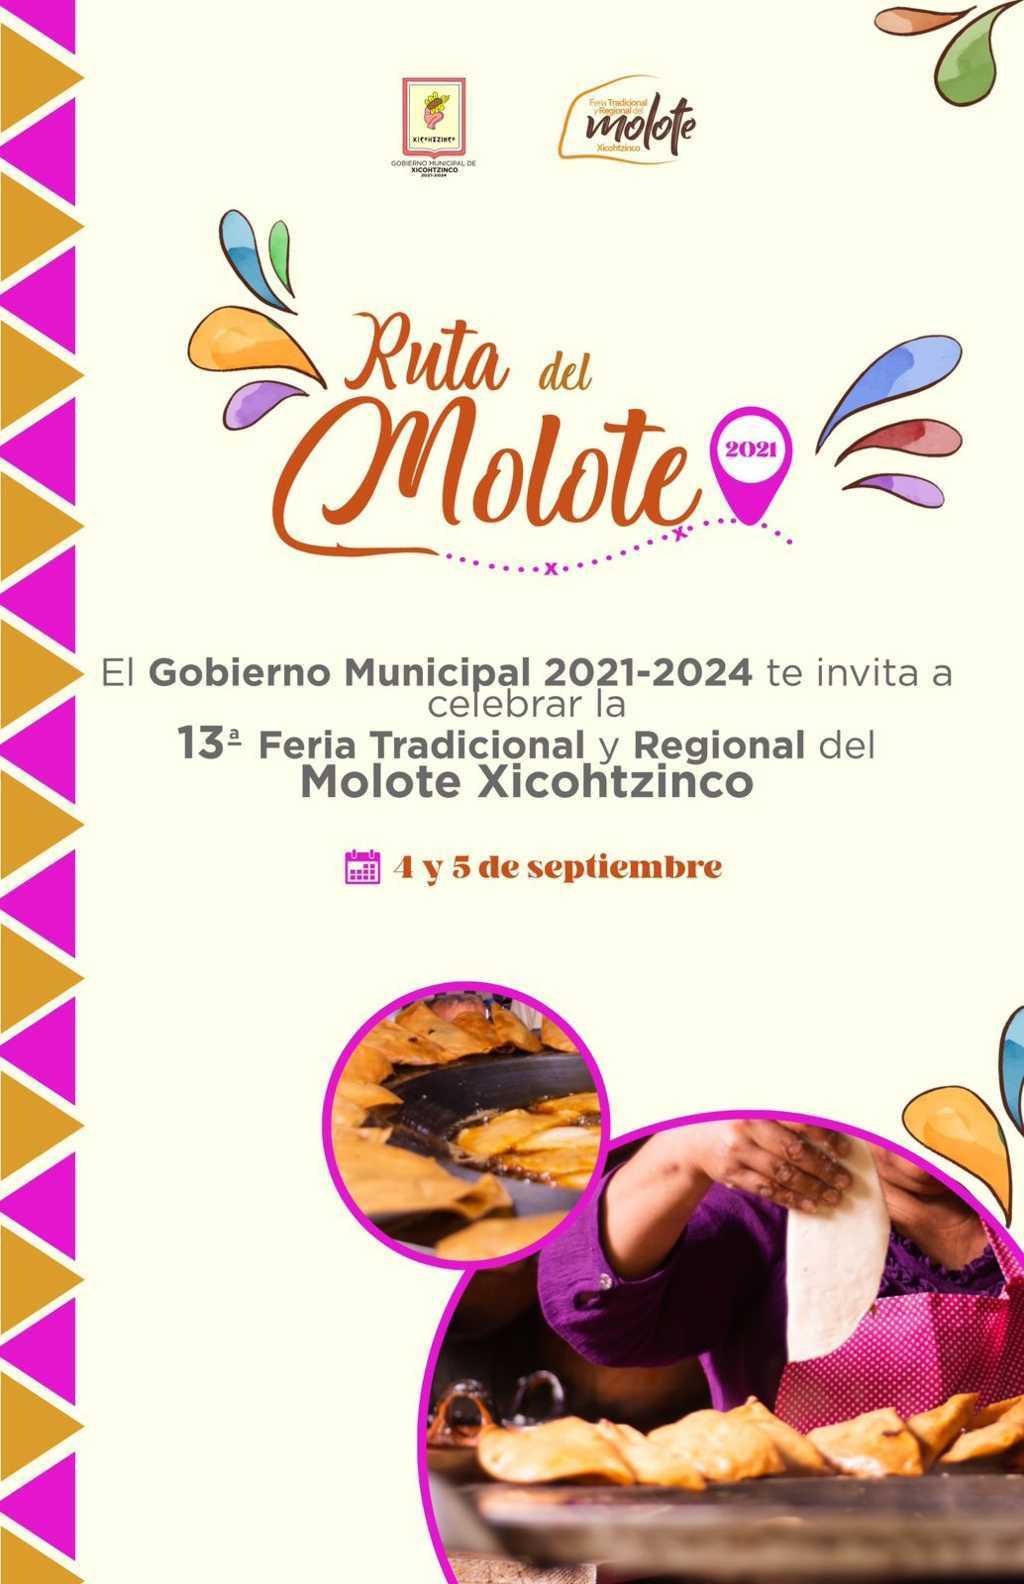 Feria del Molote, una tradición siempre viva en Xicohtzinco